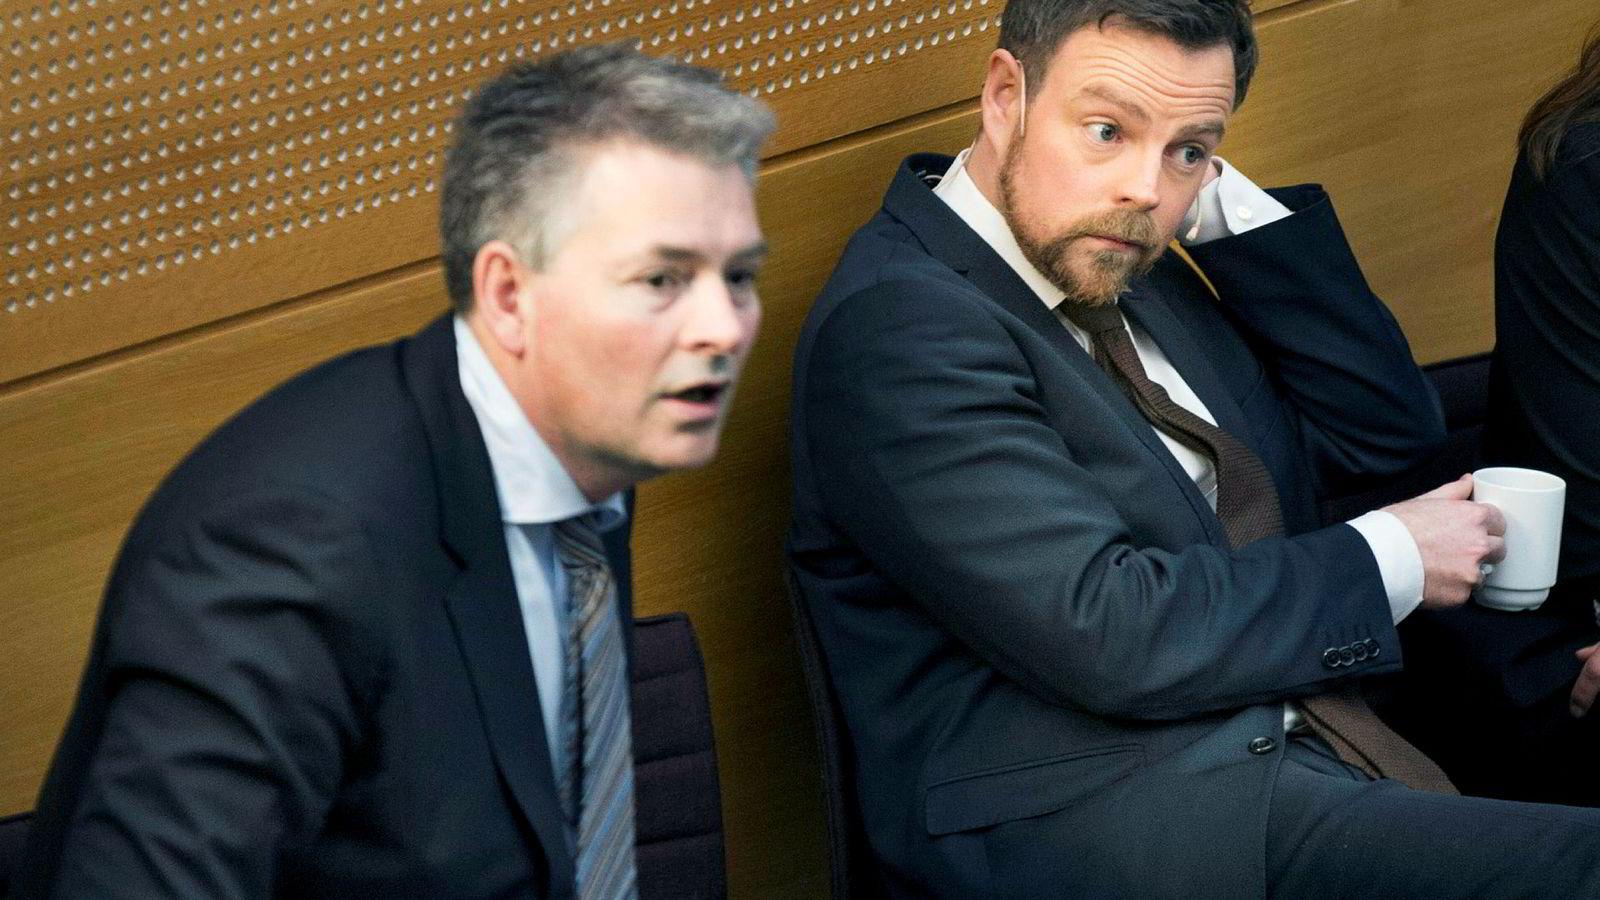 Daværende kunnskapsminister Torbjørn Røe Isaksen (til høyre) og hans statssekretær Bjørn Haugstad forsikret i 2015 de små studiestedene om at de ikke skulle legges ned.